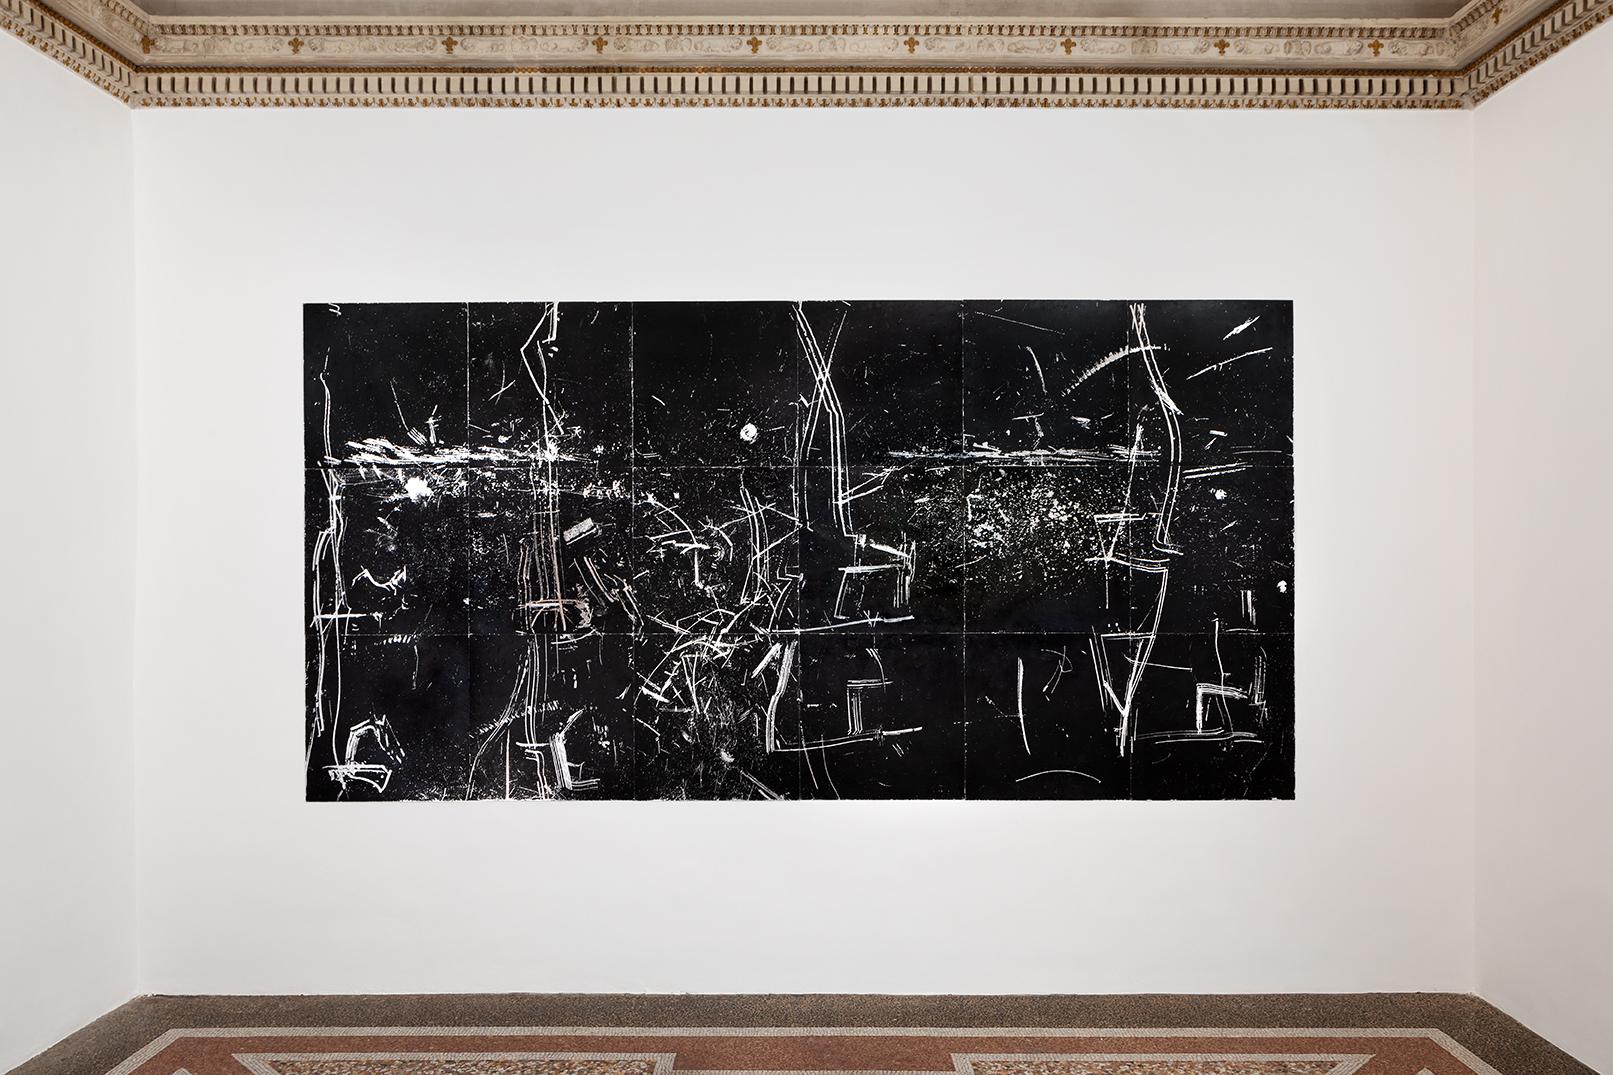 2019 1987 Pavimento Argento Smerigliatura Stillegno Masonite, foglia d'argento, cera, smalto 420 x 210 cm 18 moduli di 70 x 70 cm)